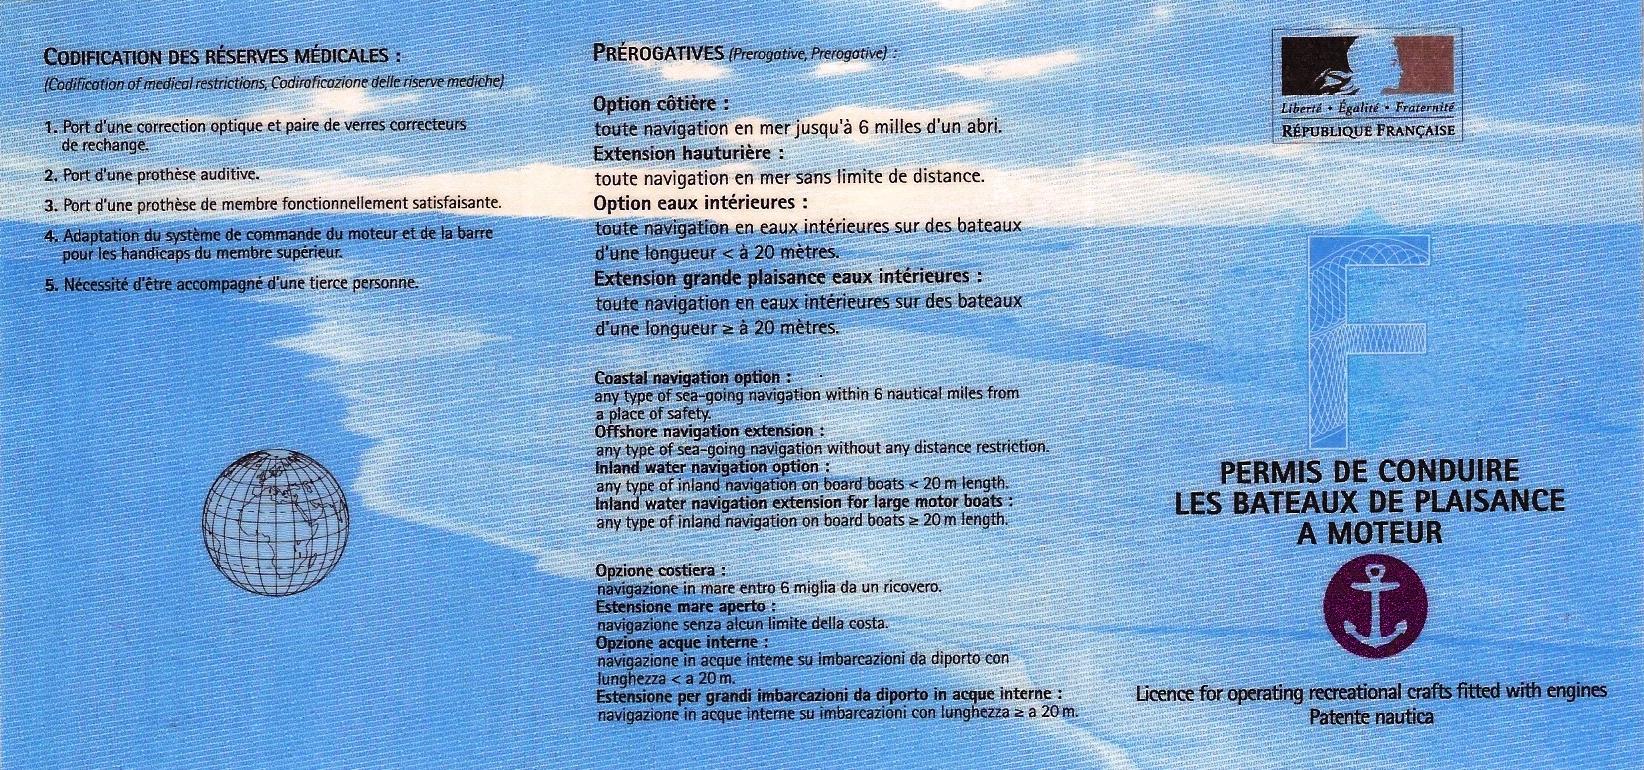 https://static.blog4ever.com/2012/03/678268/Permis_de_conduire_les_bateaux_de_plaisance_a_moteur_recto_fr_2011.jpg